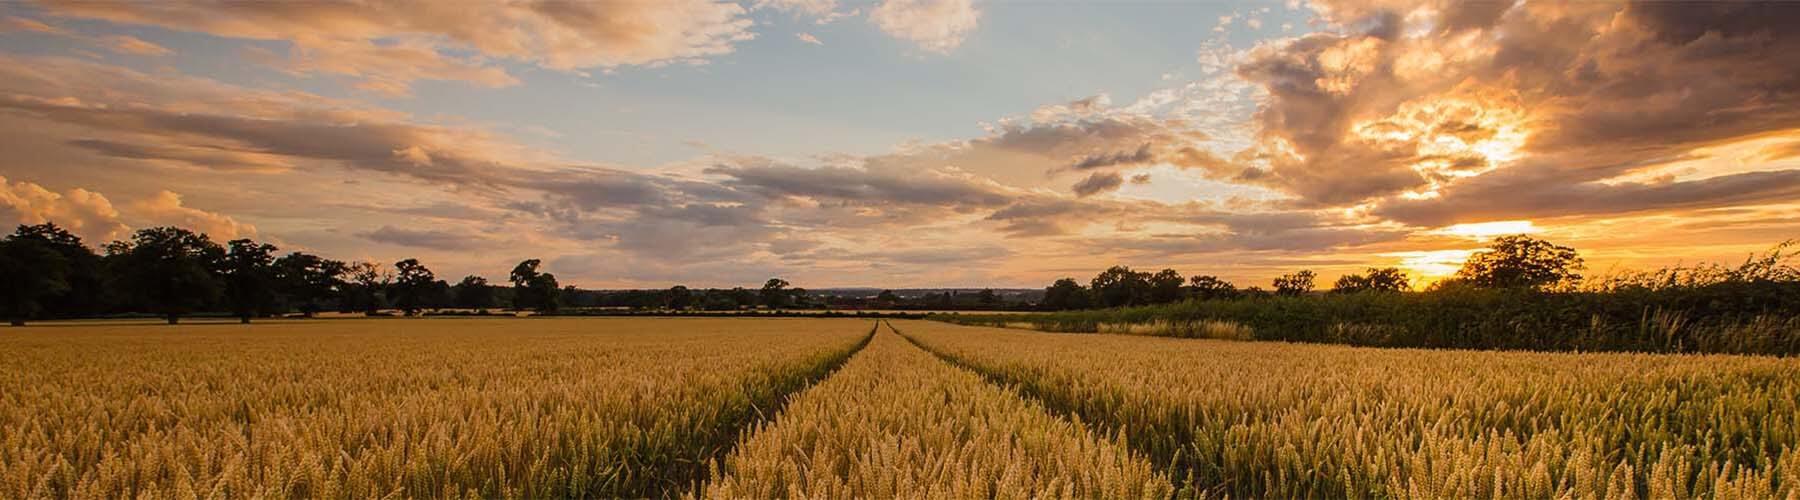 Plantação de trigo ao amanhecer